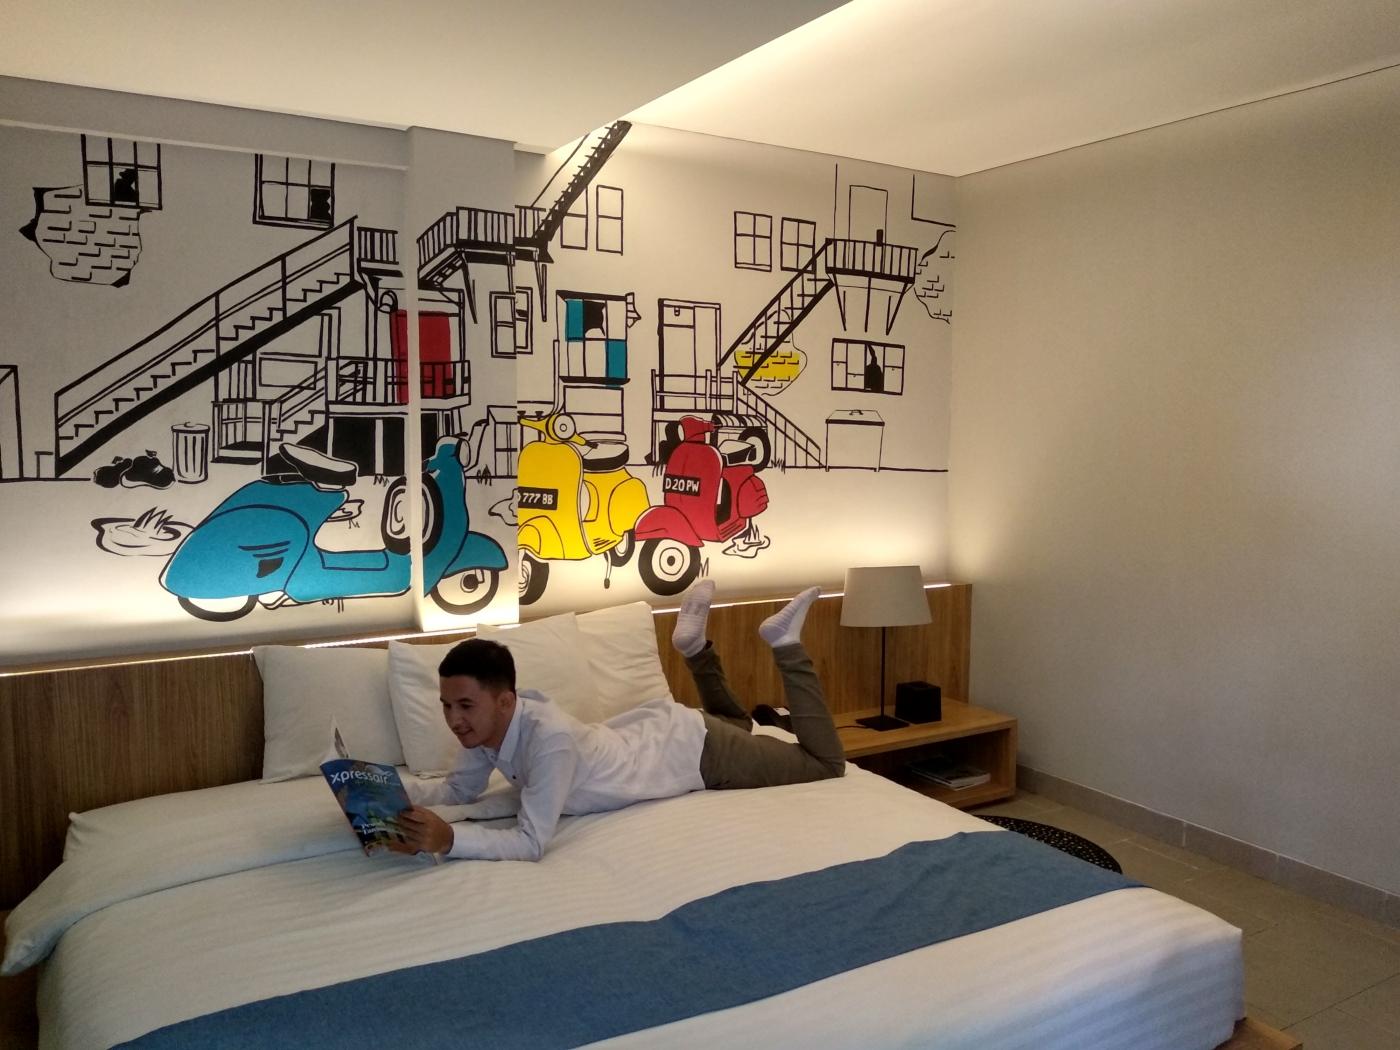 Triple Seven Hotel Bandung Hotel Retro Industrial Yang Kekinian Dan